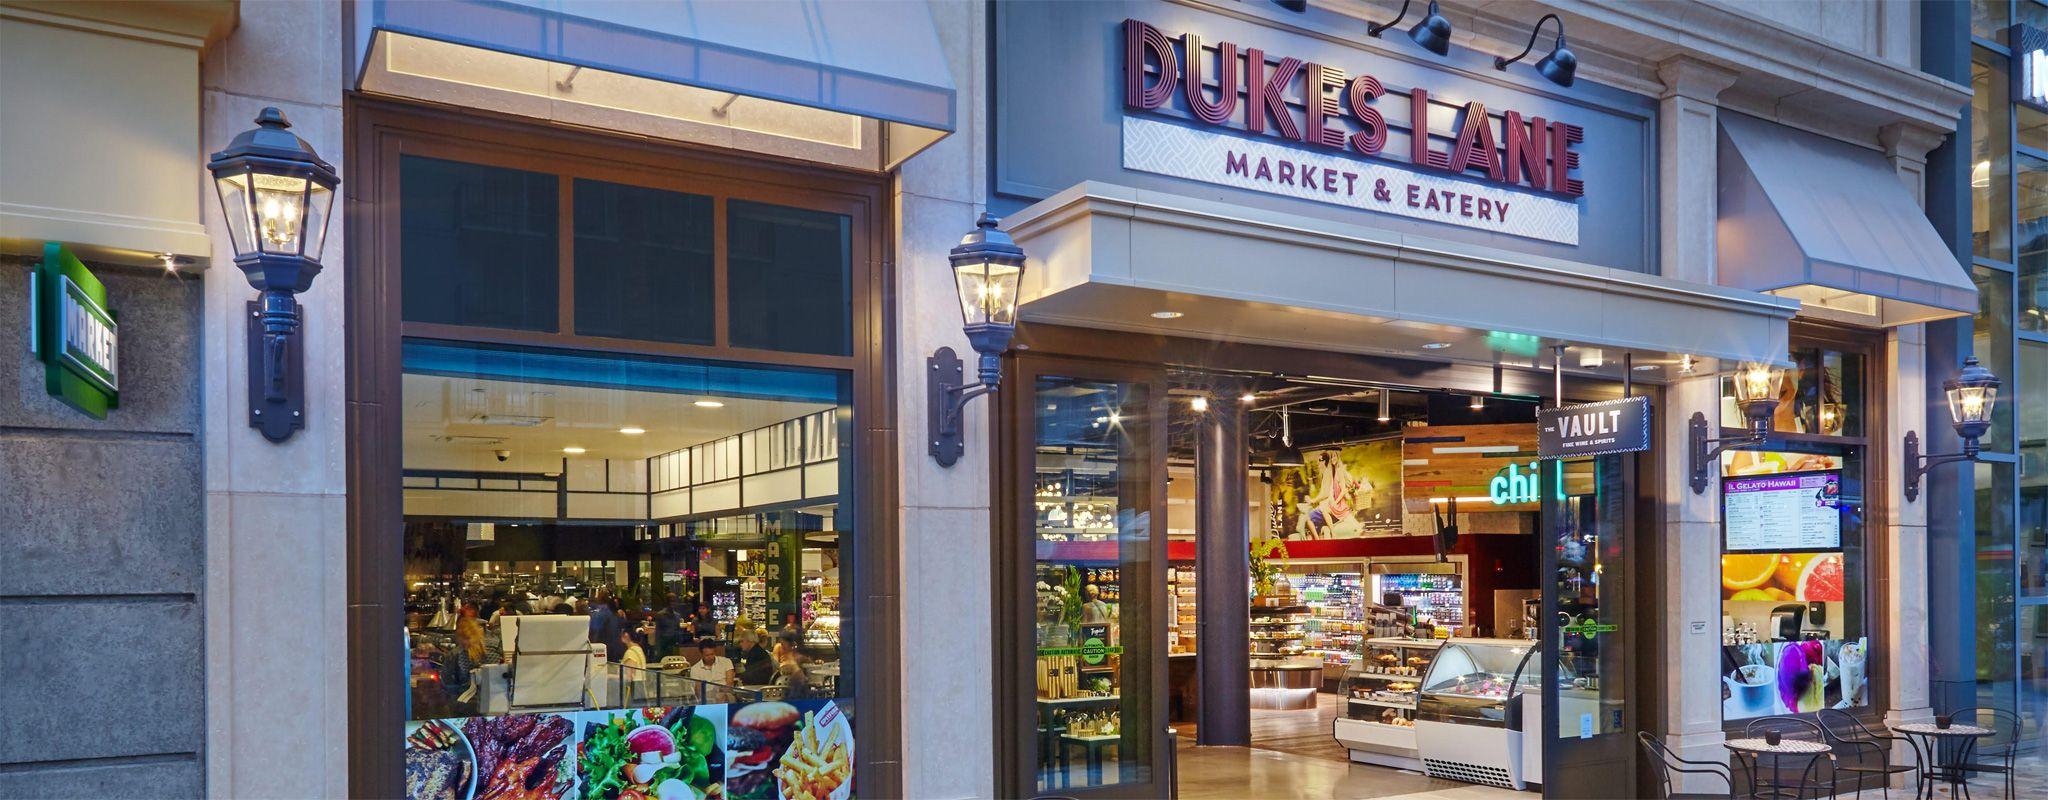 Duke's Lane